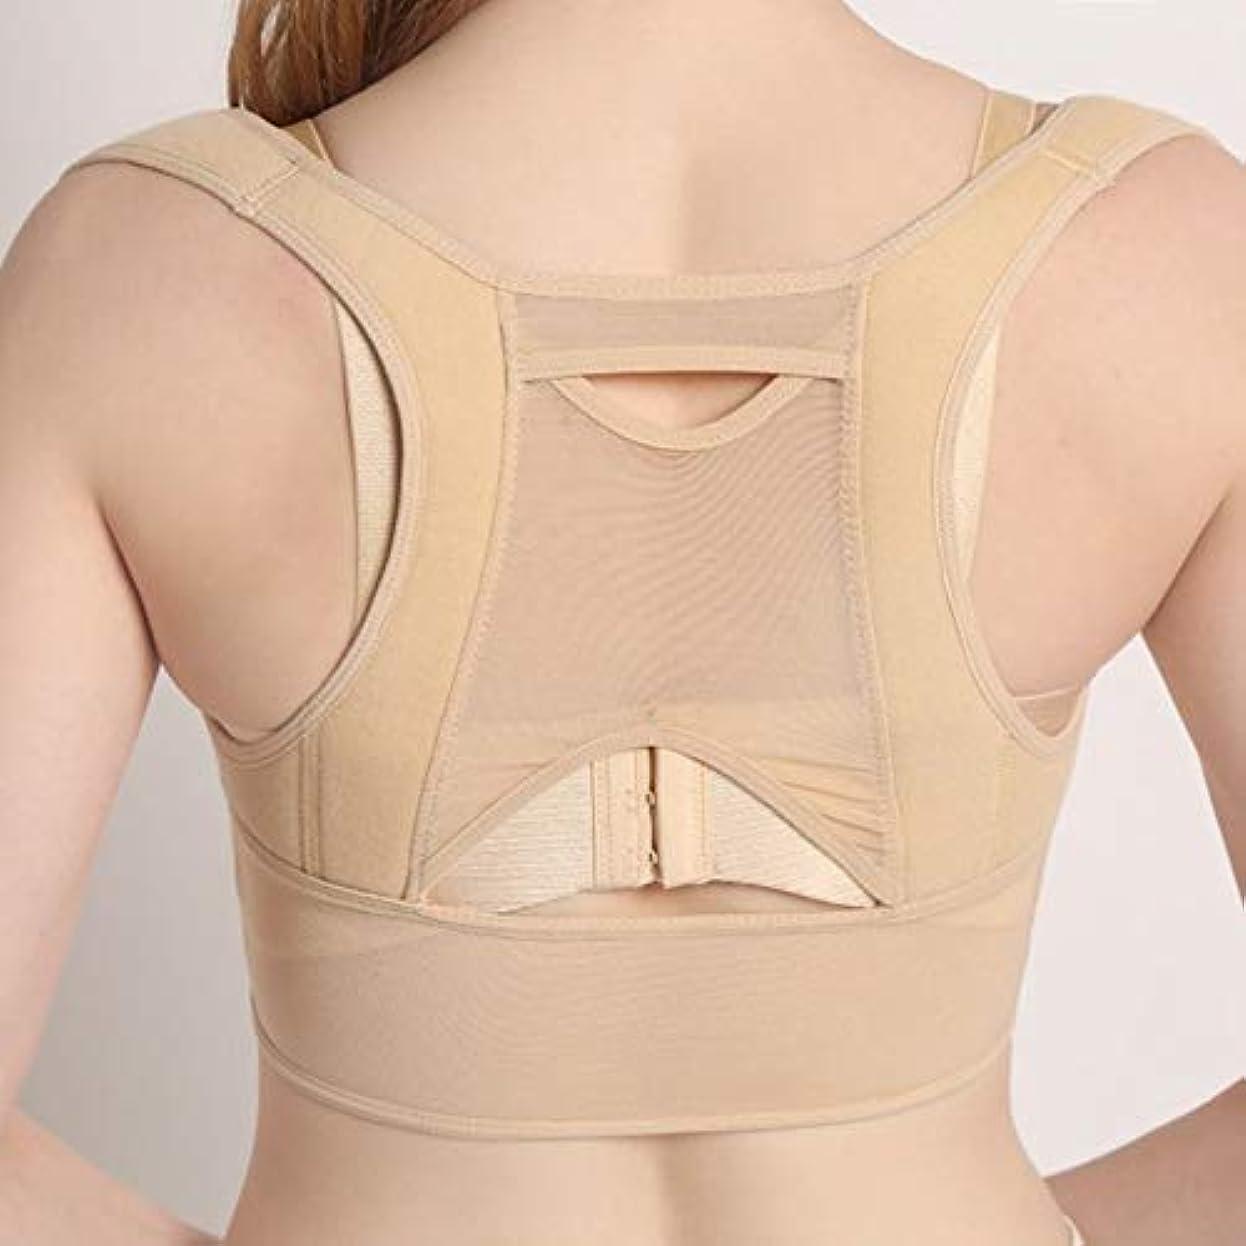 説教樹木バッフル通気性のある女性の背中の姿勢矯正コルセット整形外科の肩の背骨の姿勢矯正腰椎サポート - ベージュホワイトM